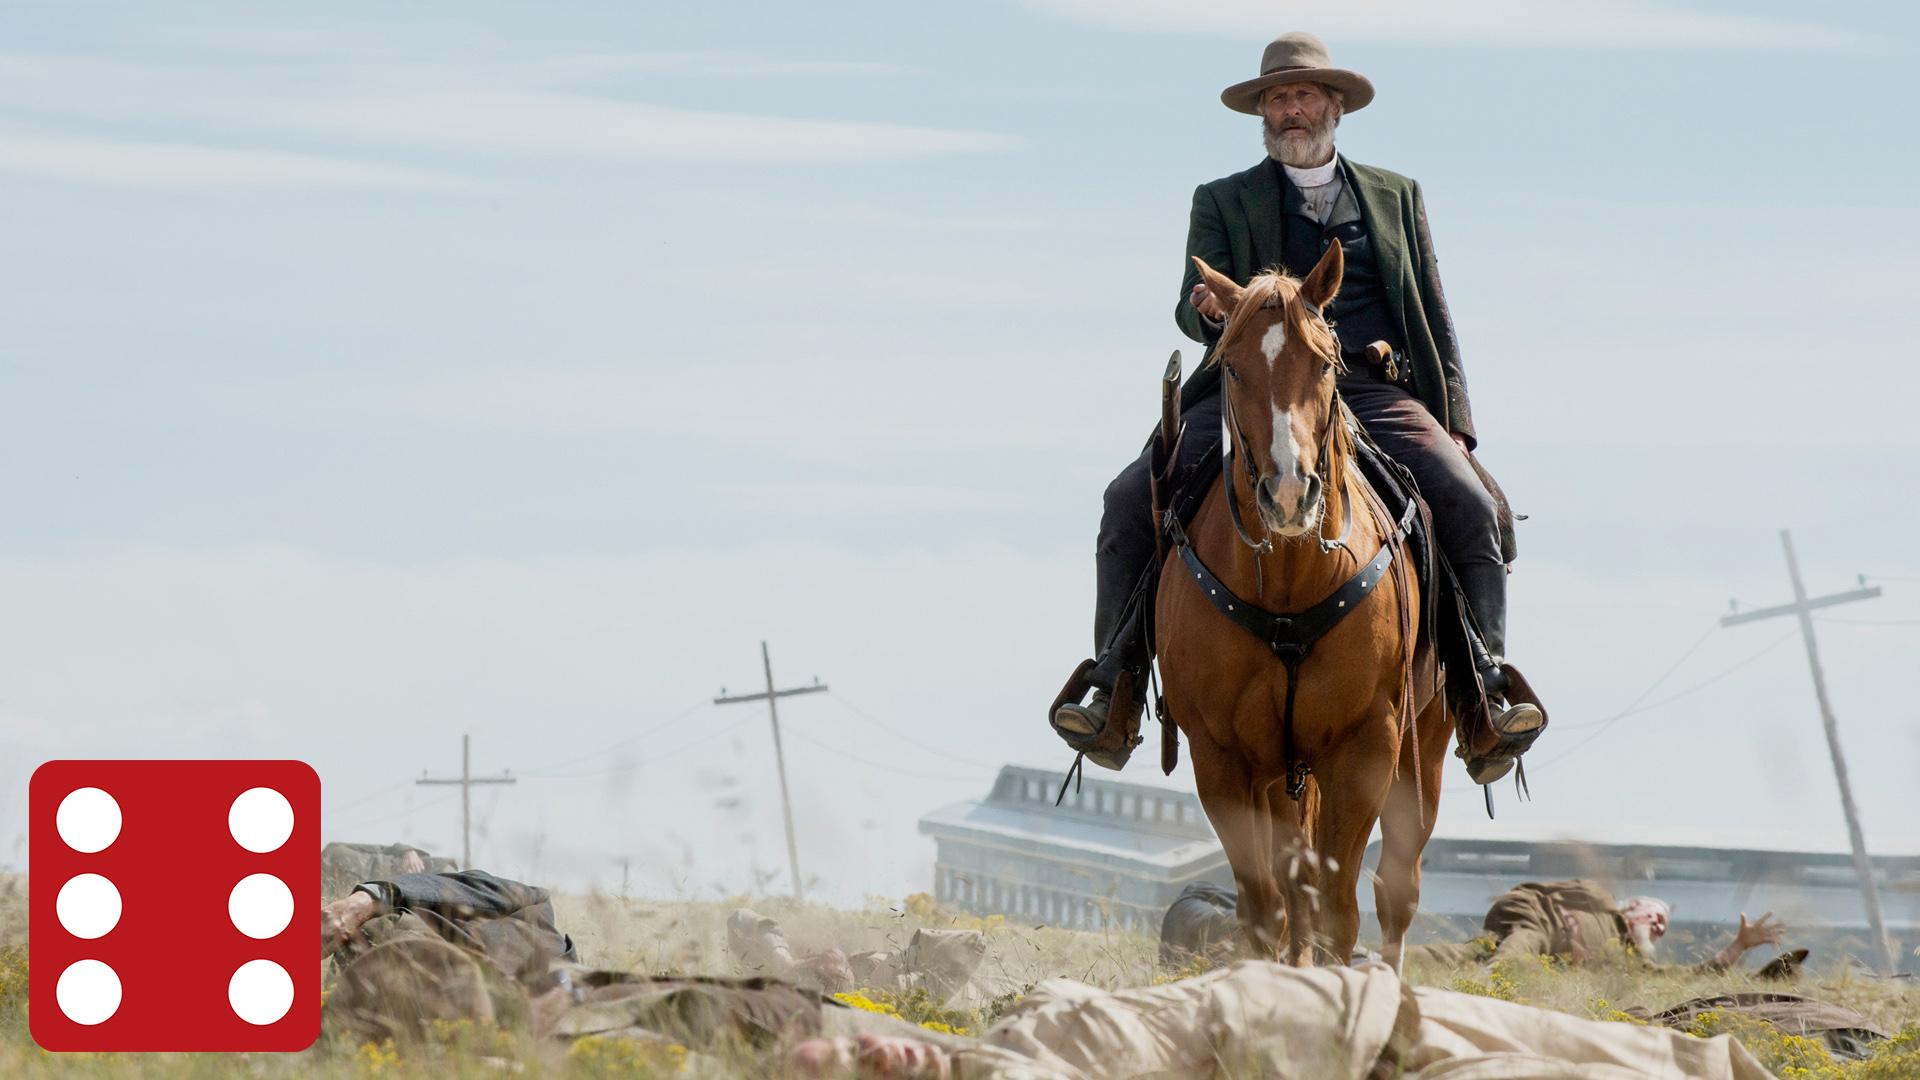 Et blinkskudd av en westernserie